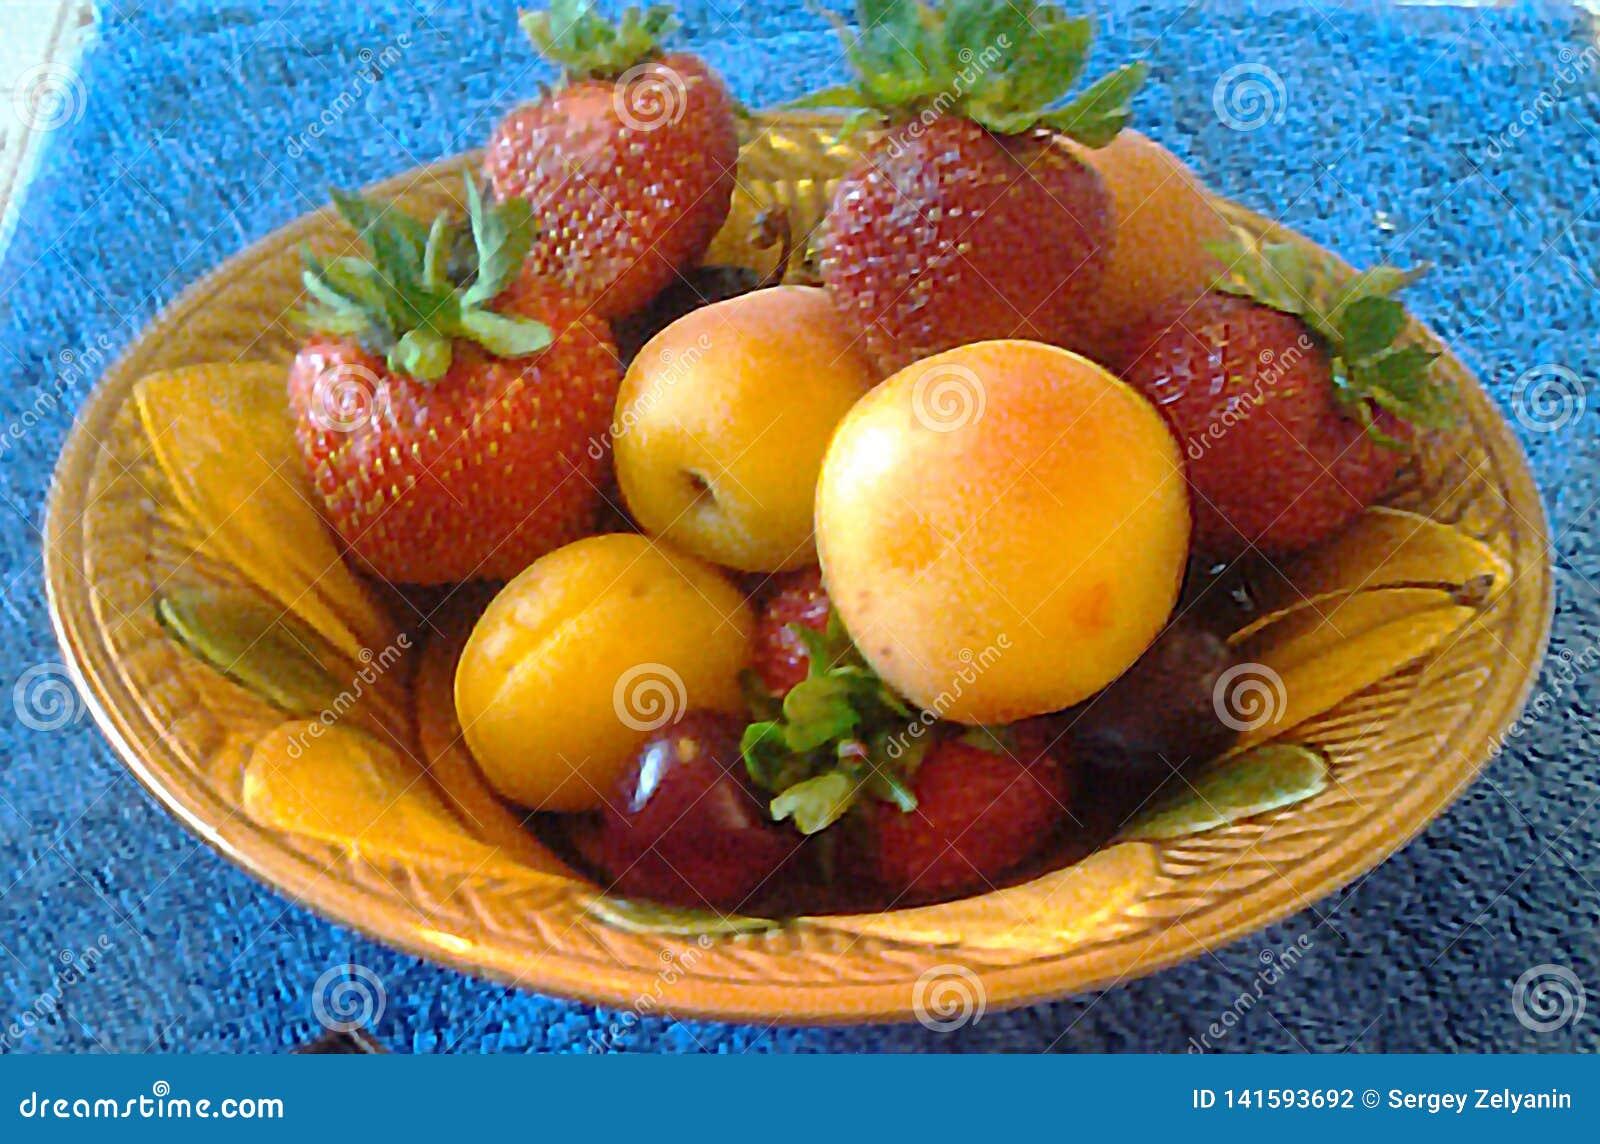 Morele, brzoskwinie, truskawki i wiśnie,